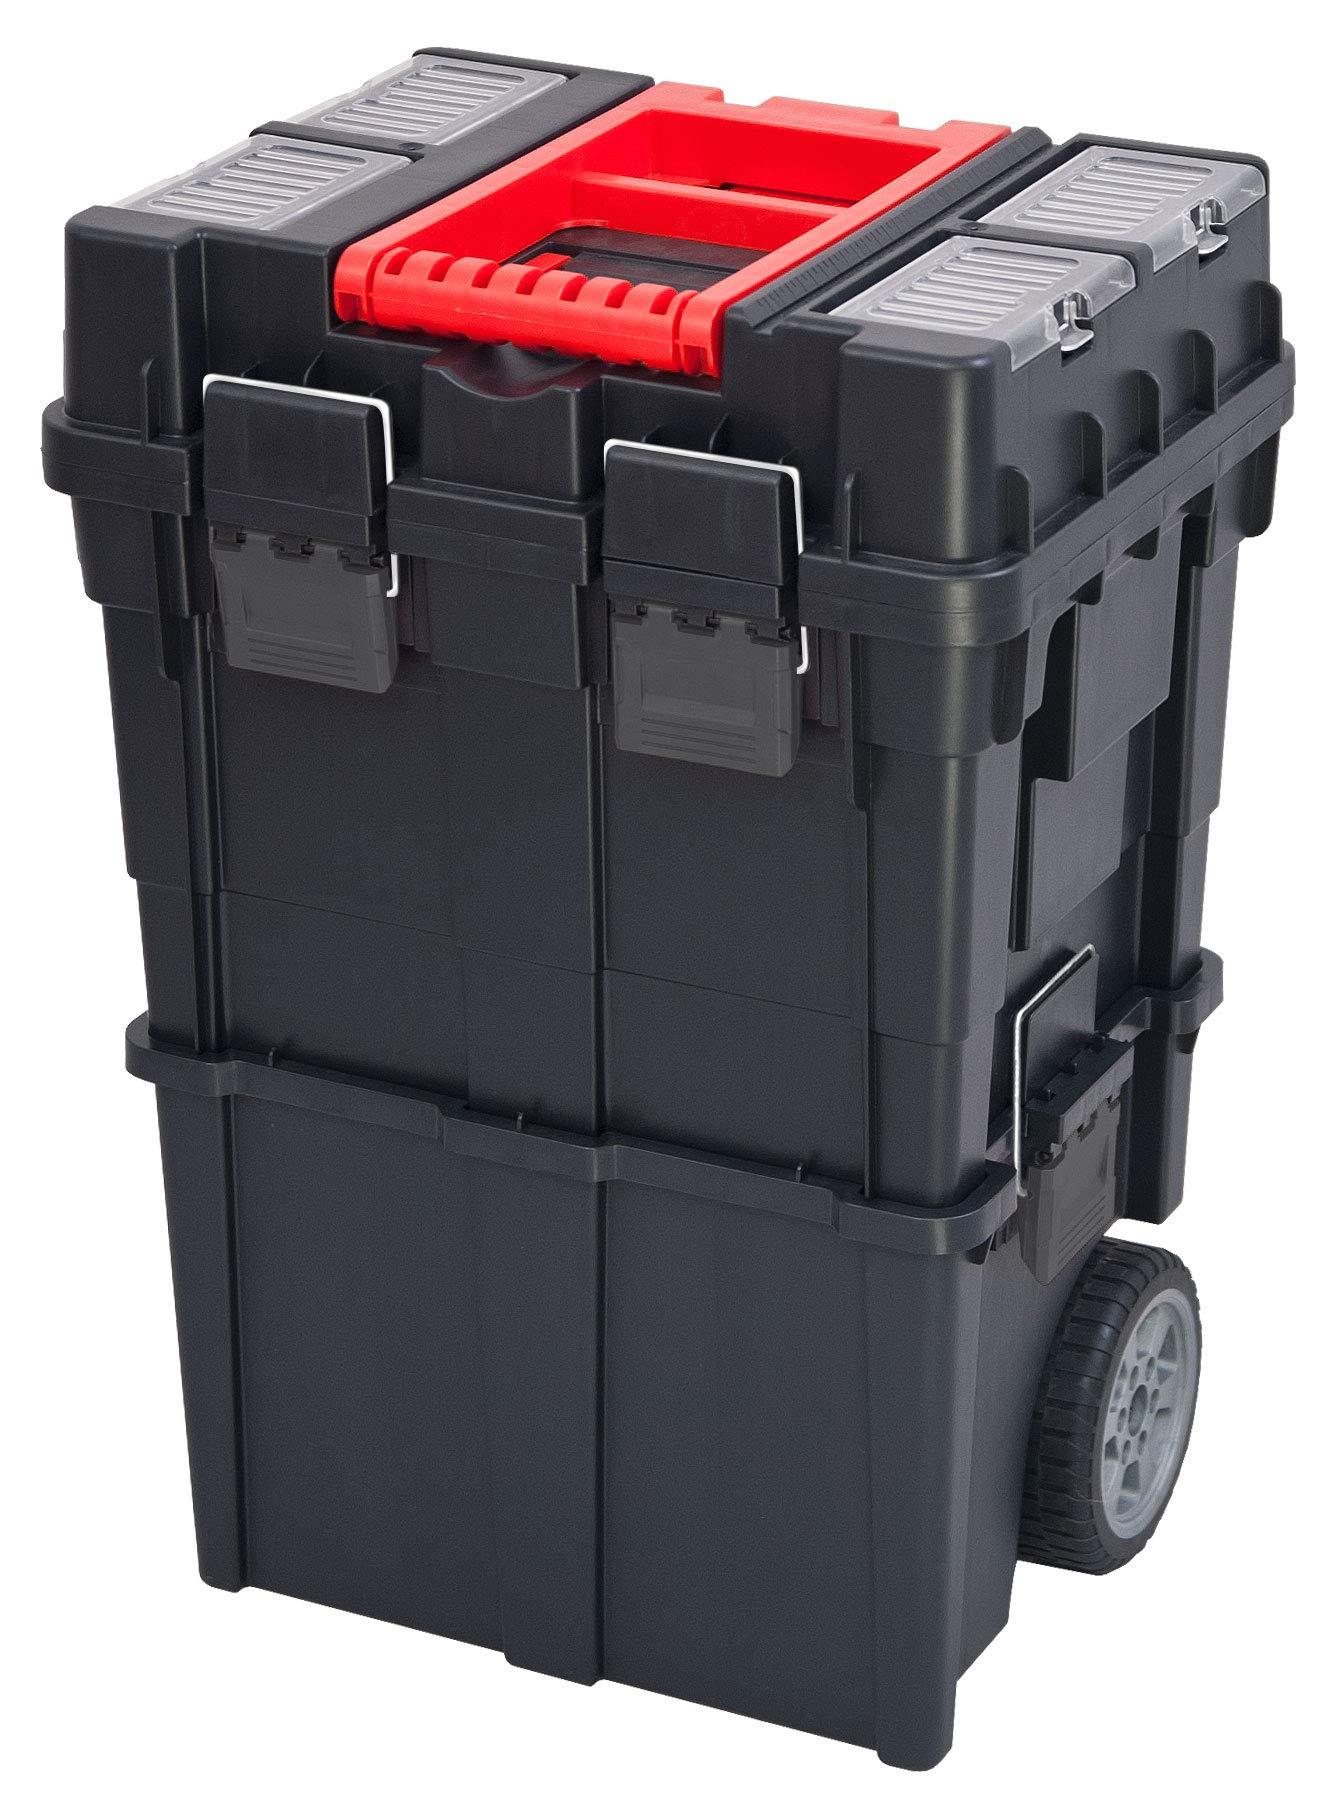 Wheel caja HD Caja de herramientas (Caja de herramientas de ...